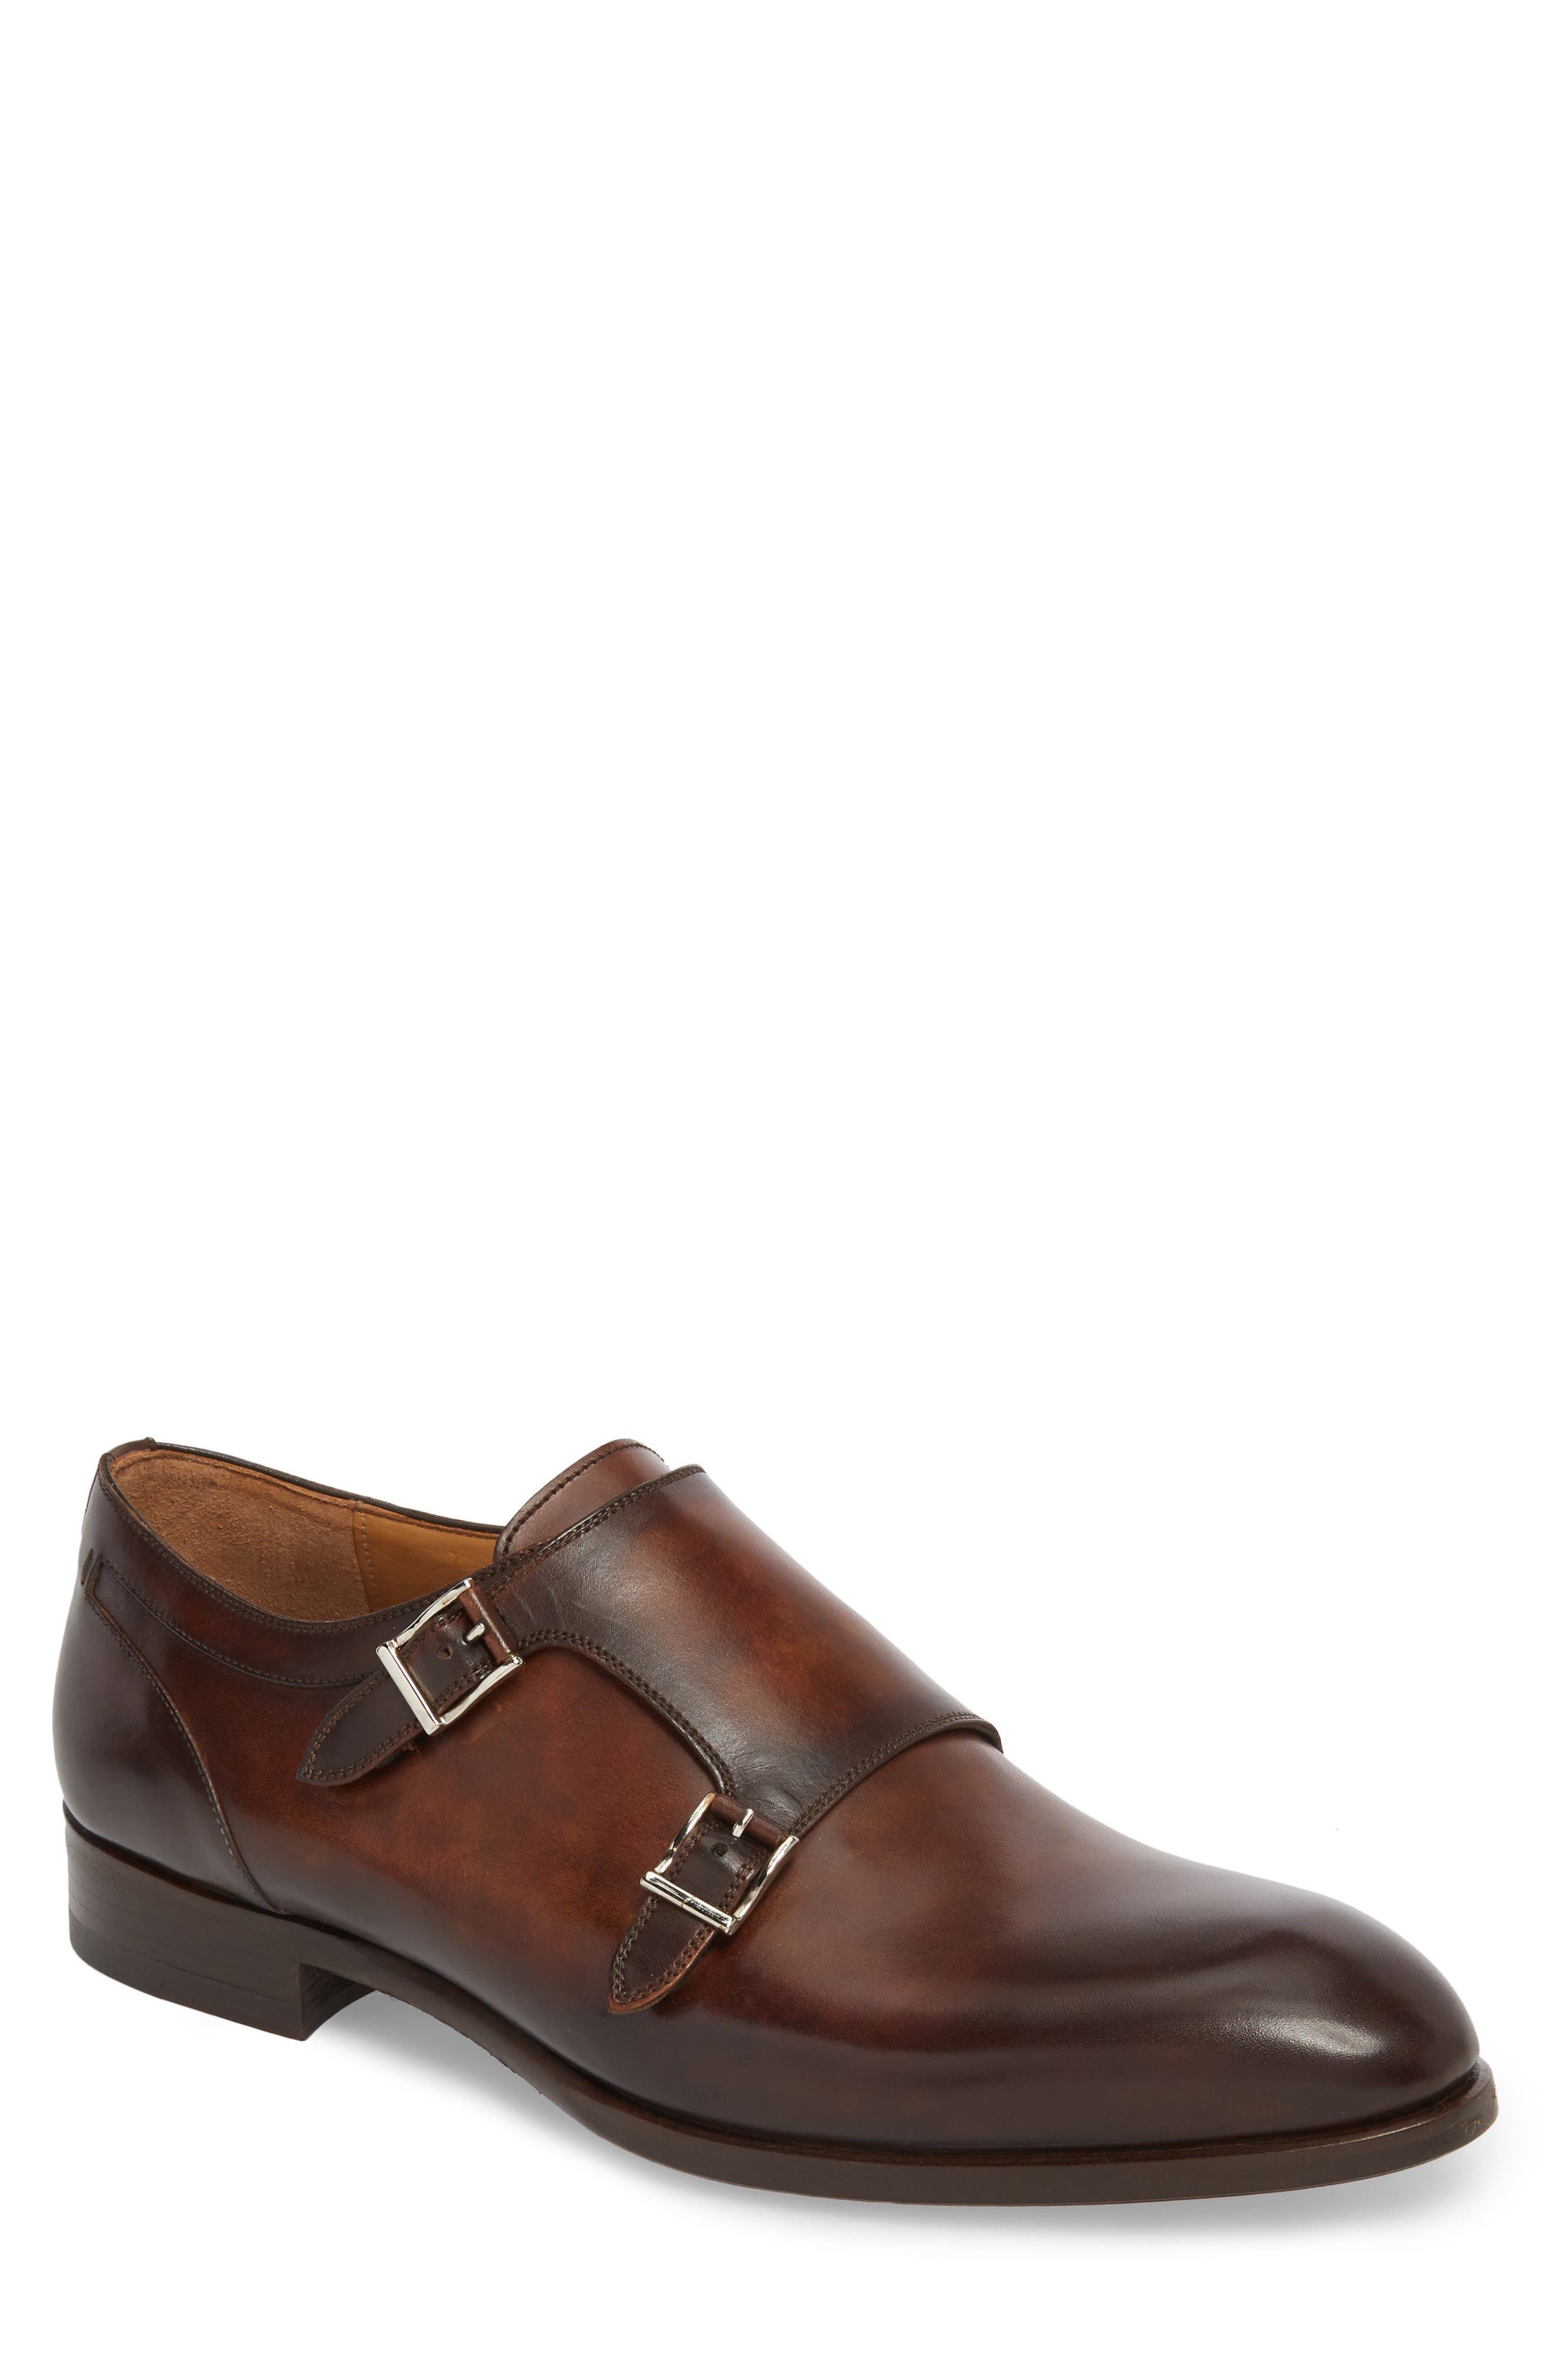 Pratt Double Strap Monk Shoe,                             Main thumbnail 1, color,